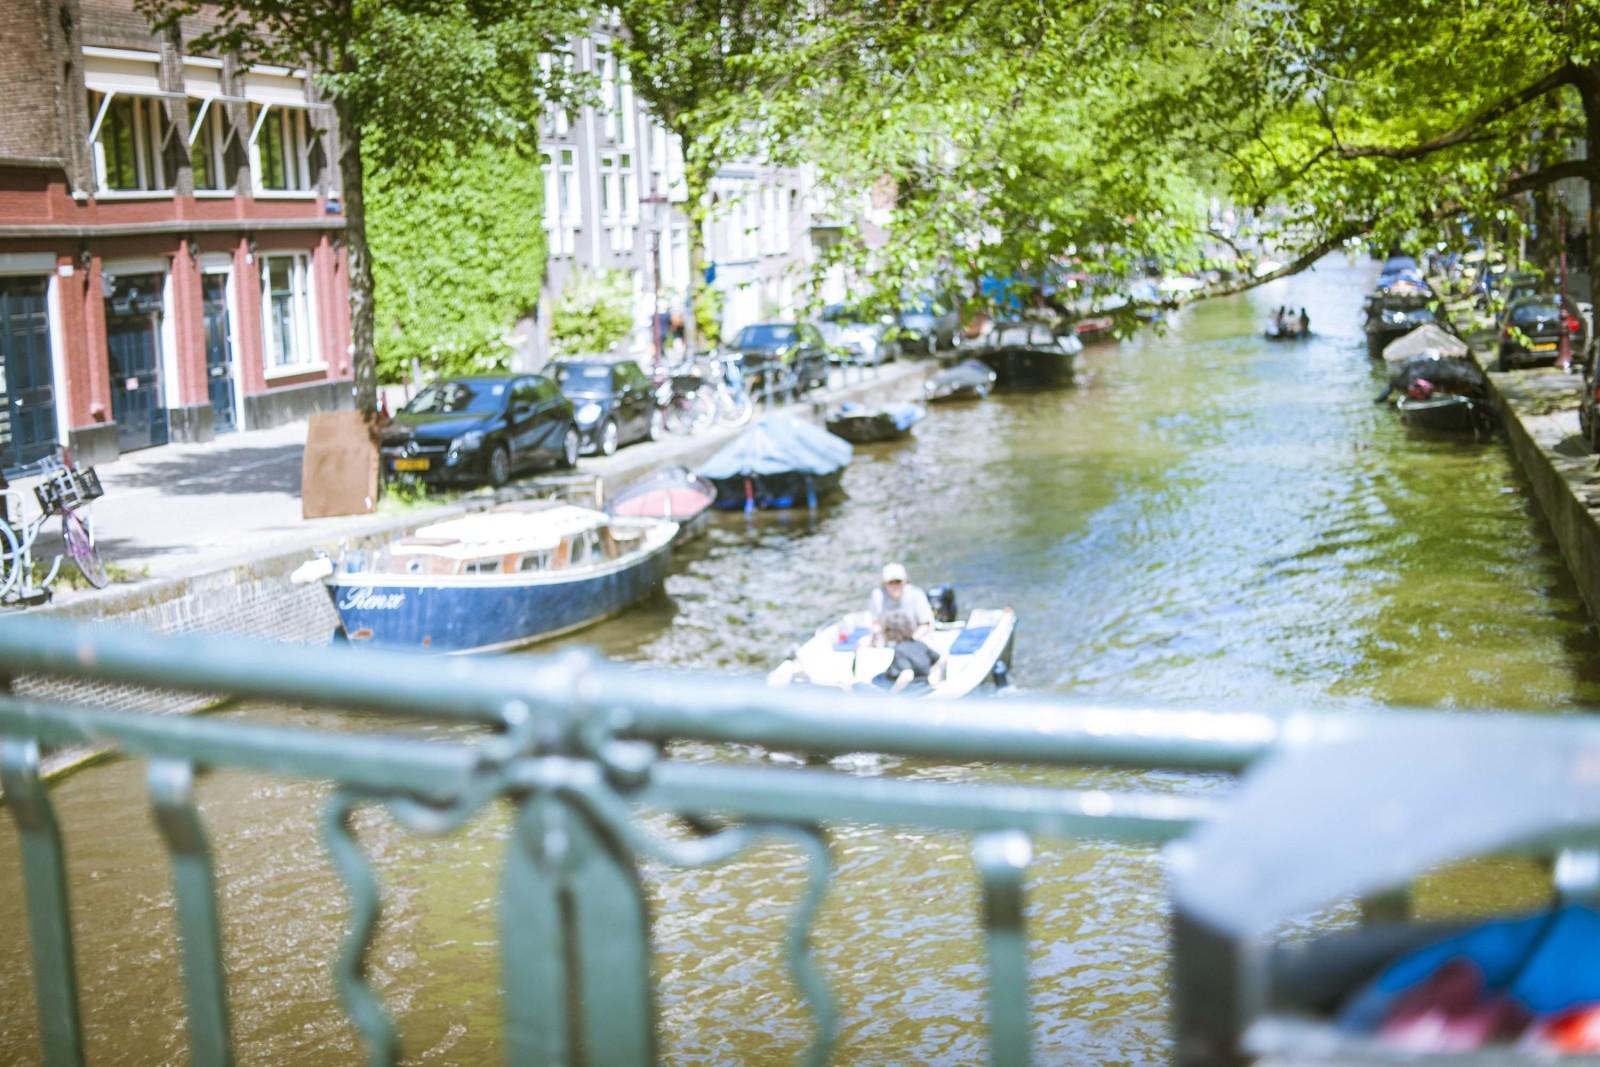 オランダで感じた自由で豊かな暮らし。奇しくもコロナによって、そんなライフスタイルが広まったのかもしれない。